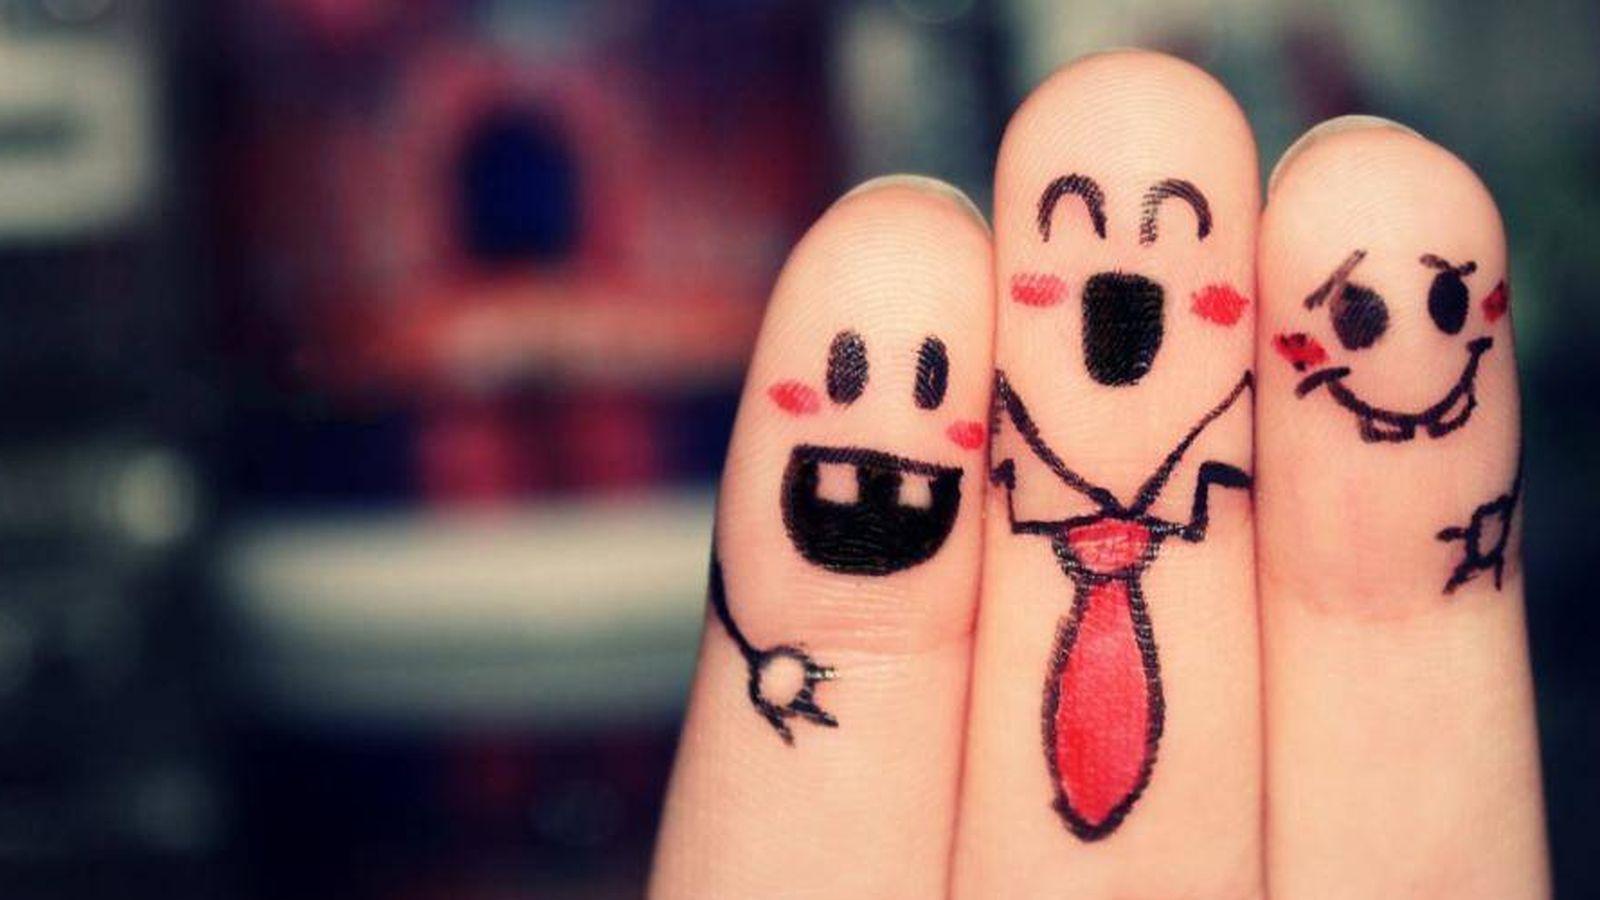 Frases De Amistad Ideas Bonitas Originales Y Divertidas Para Los Mejores Amigos